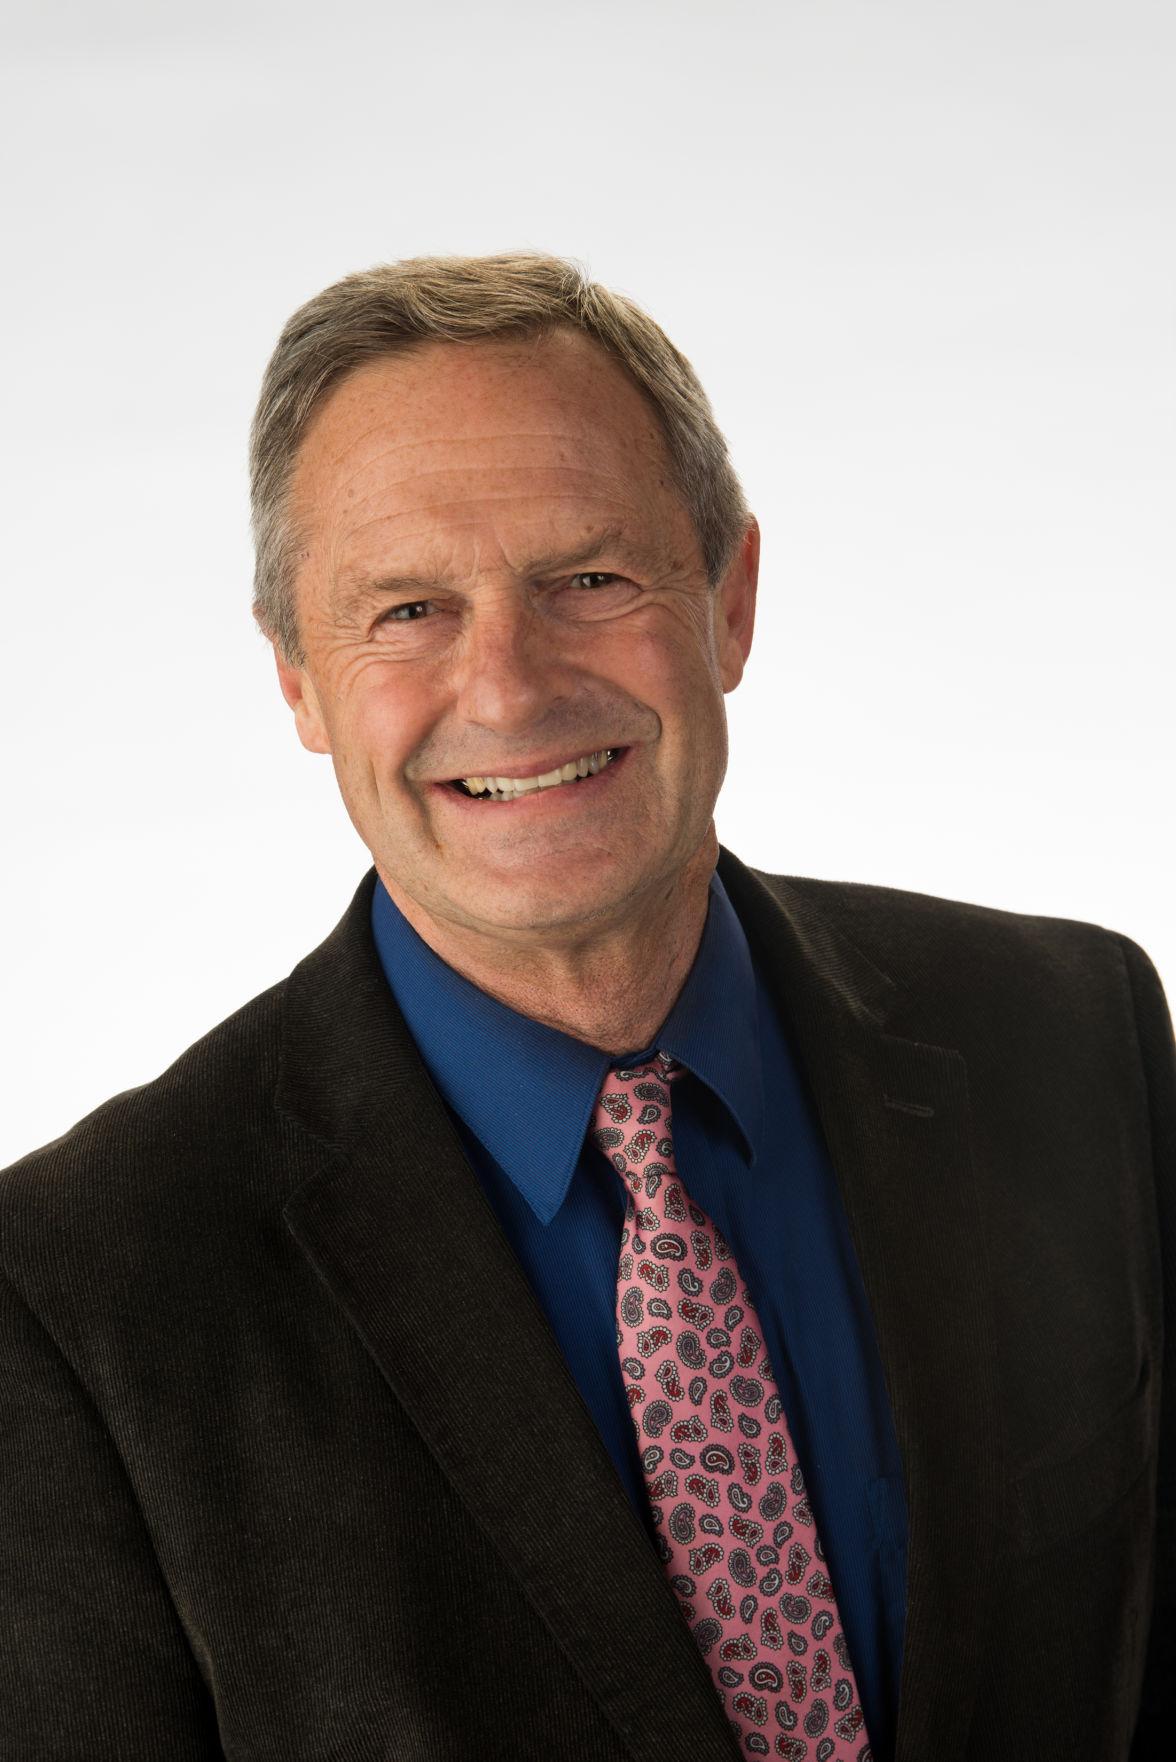 Brad Wagenknecht